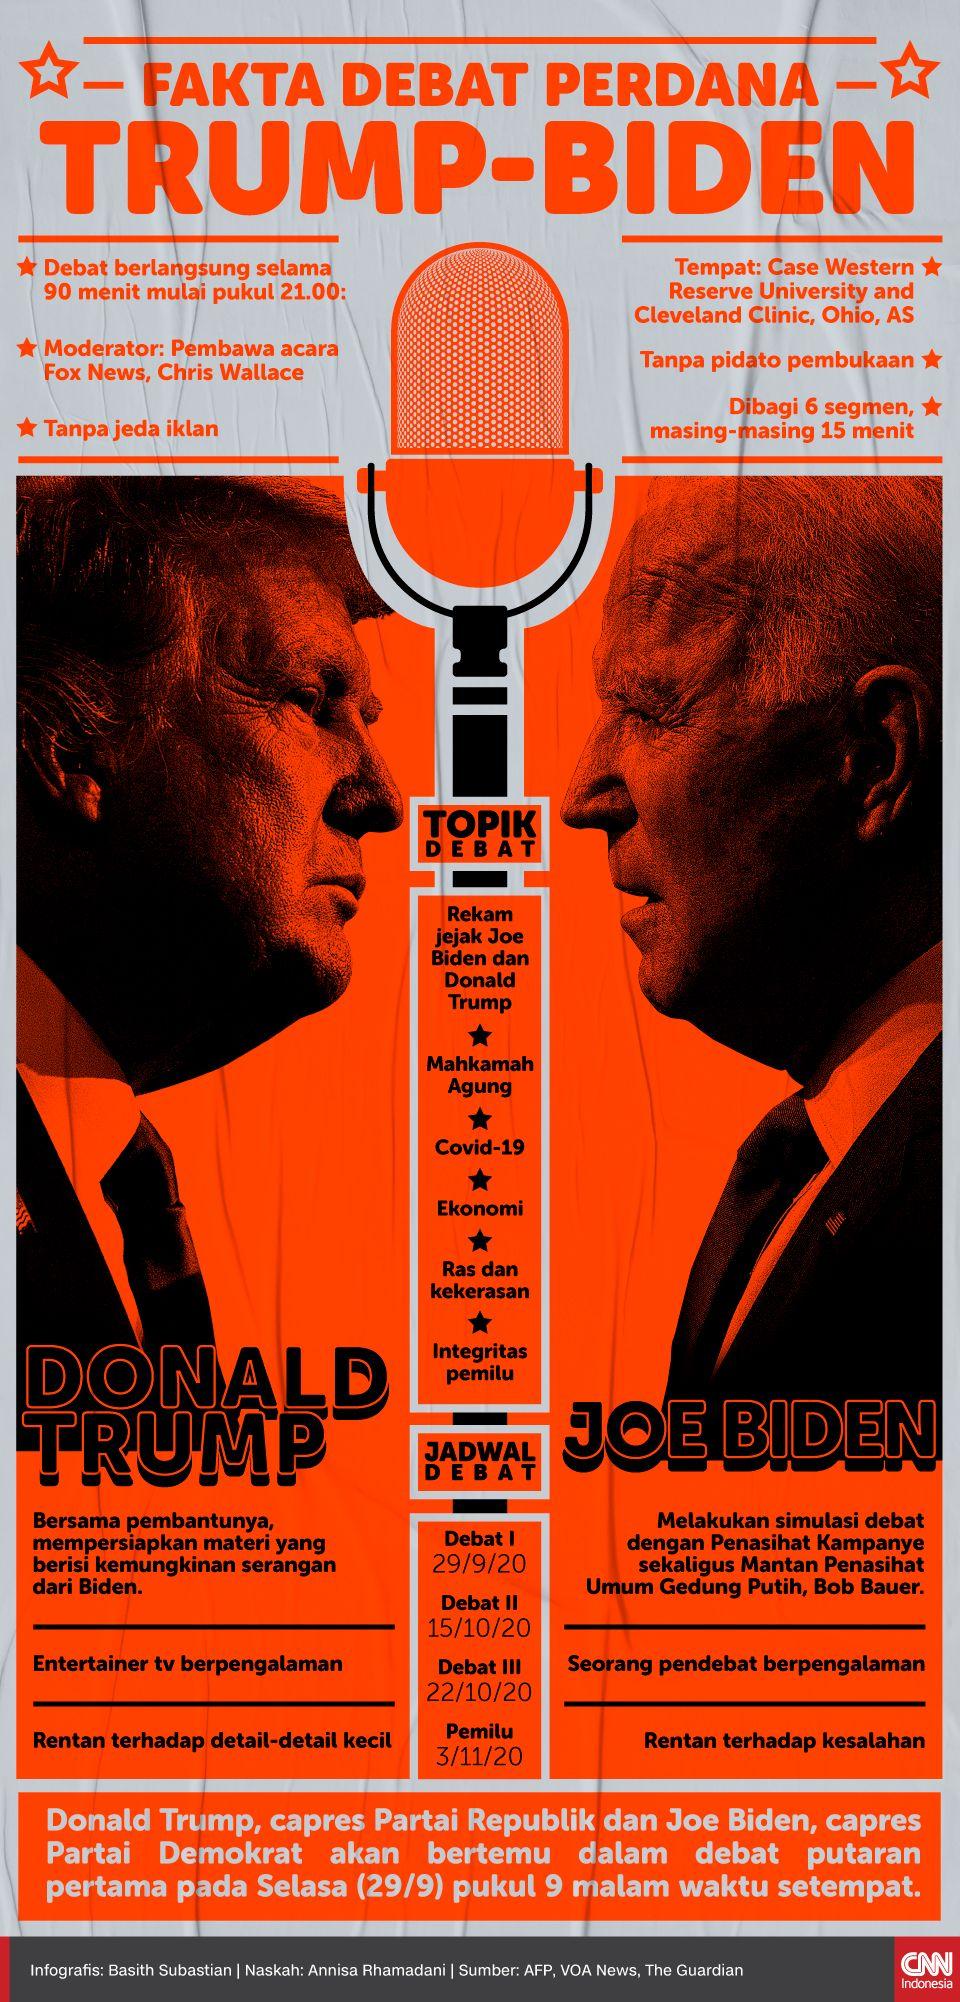 Infografis Fakta Debat Perdana Trump-Biden